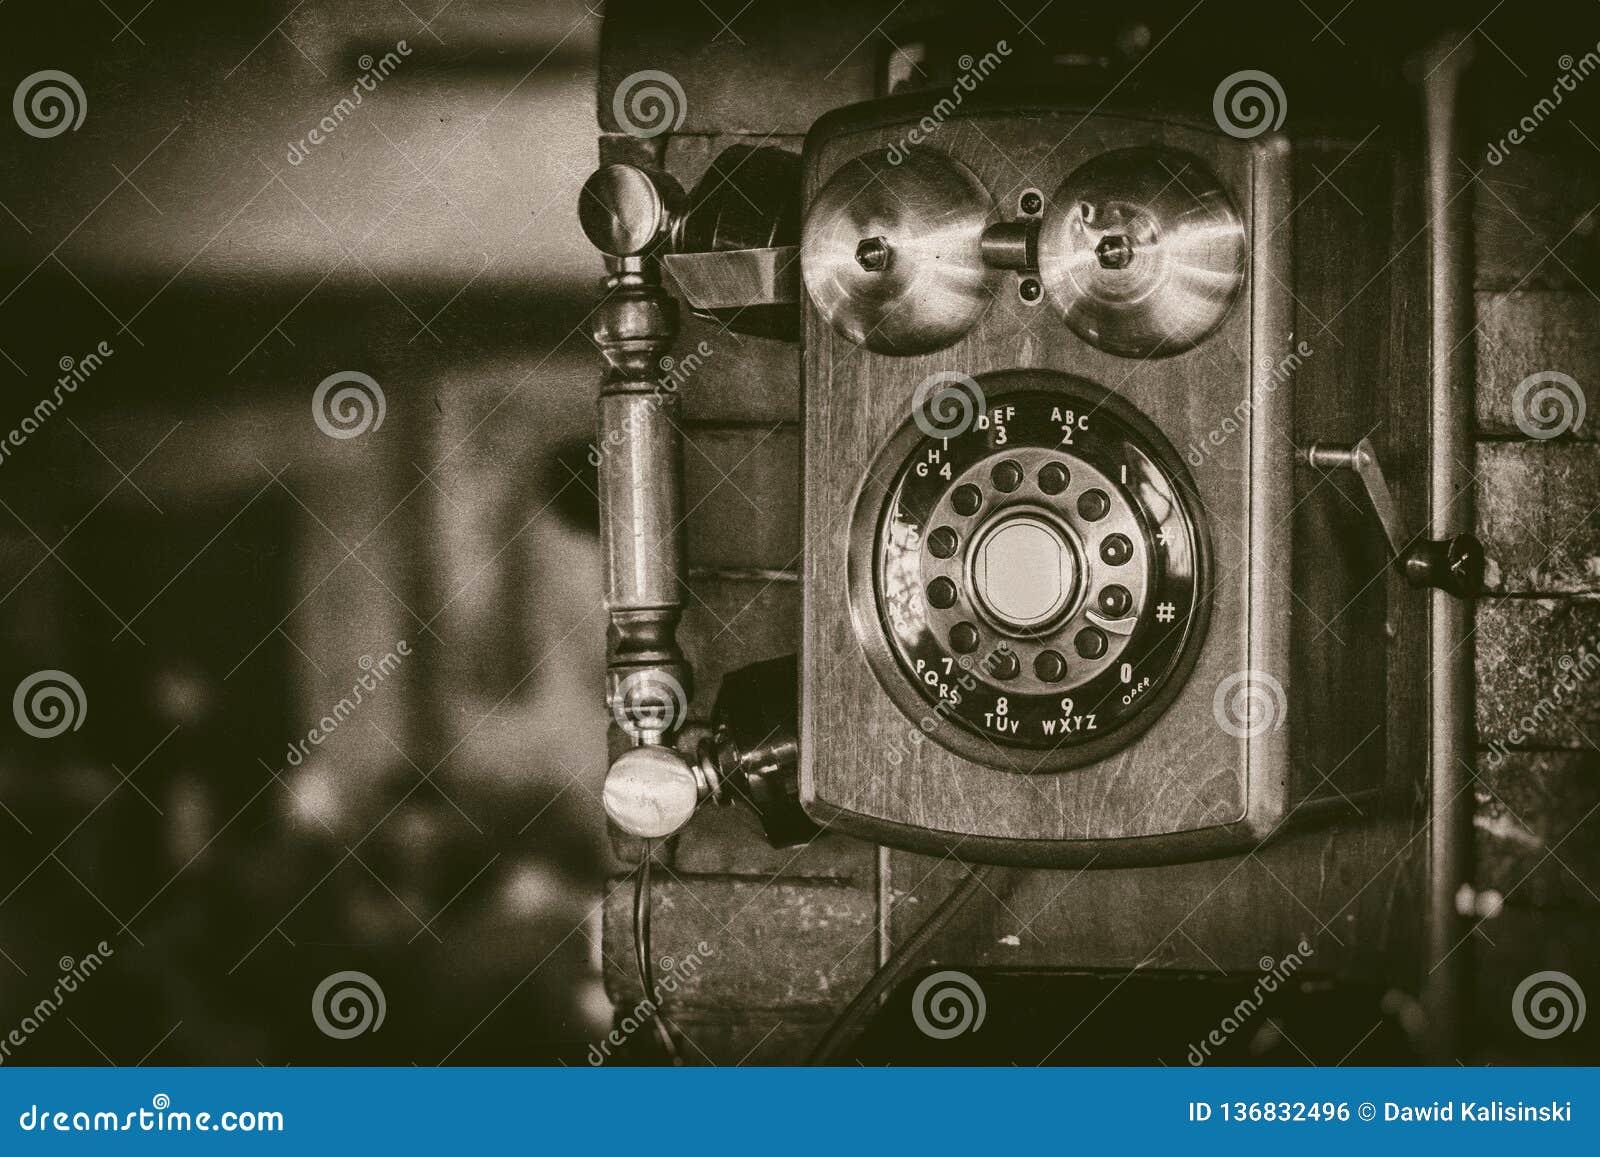 Старый винтажный телефон держателя стены с латунными колоколами в monochrome - ретро фотография